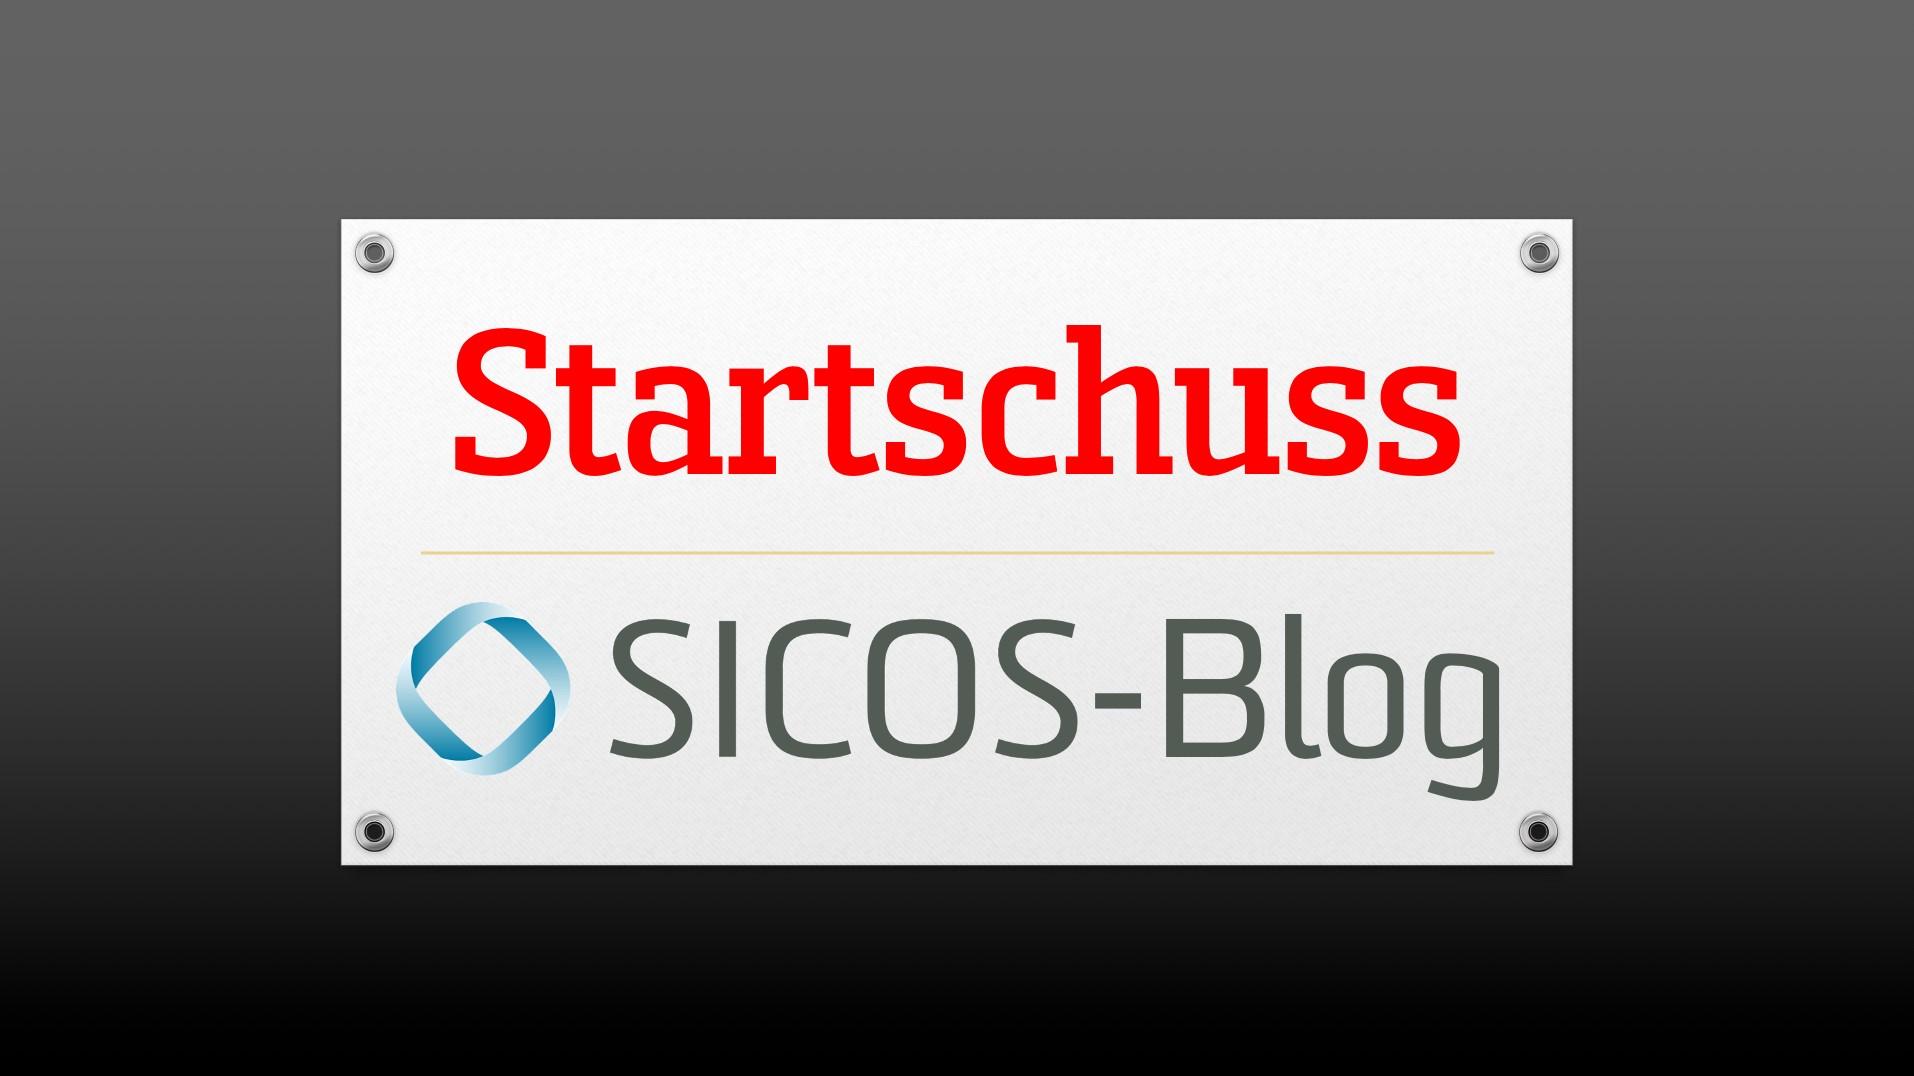 21.04.2020   Startschuss: Unser neuer Sicos Blog ist online!